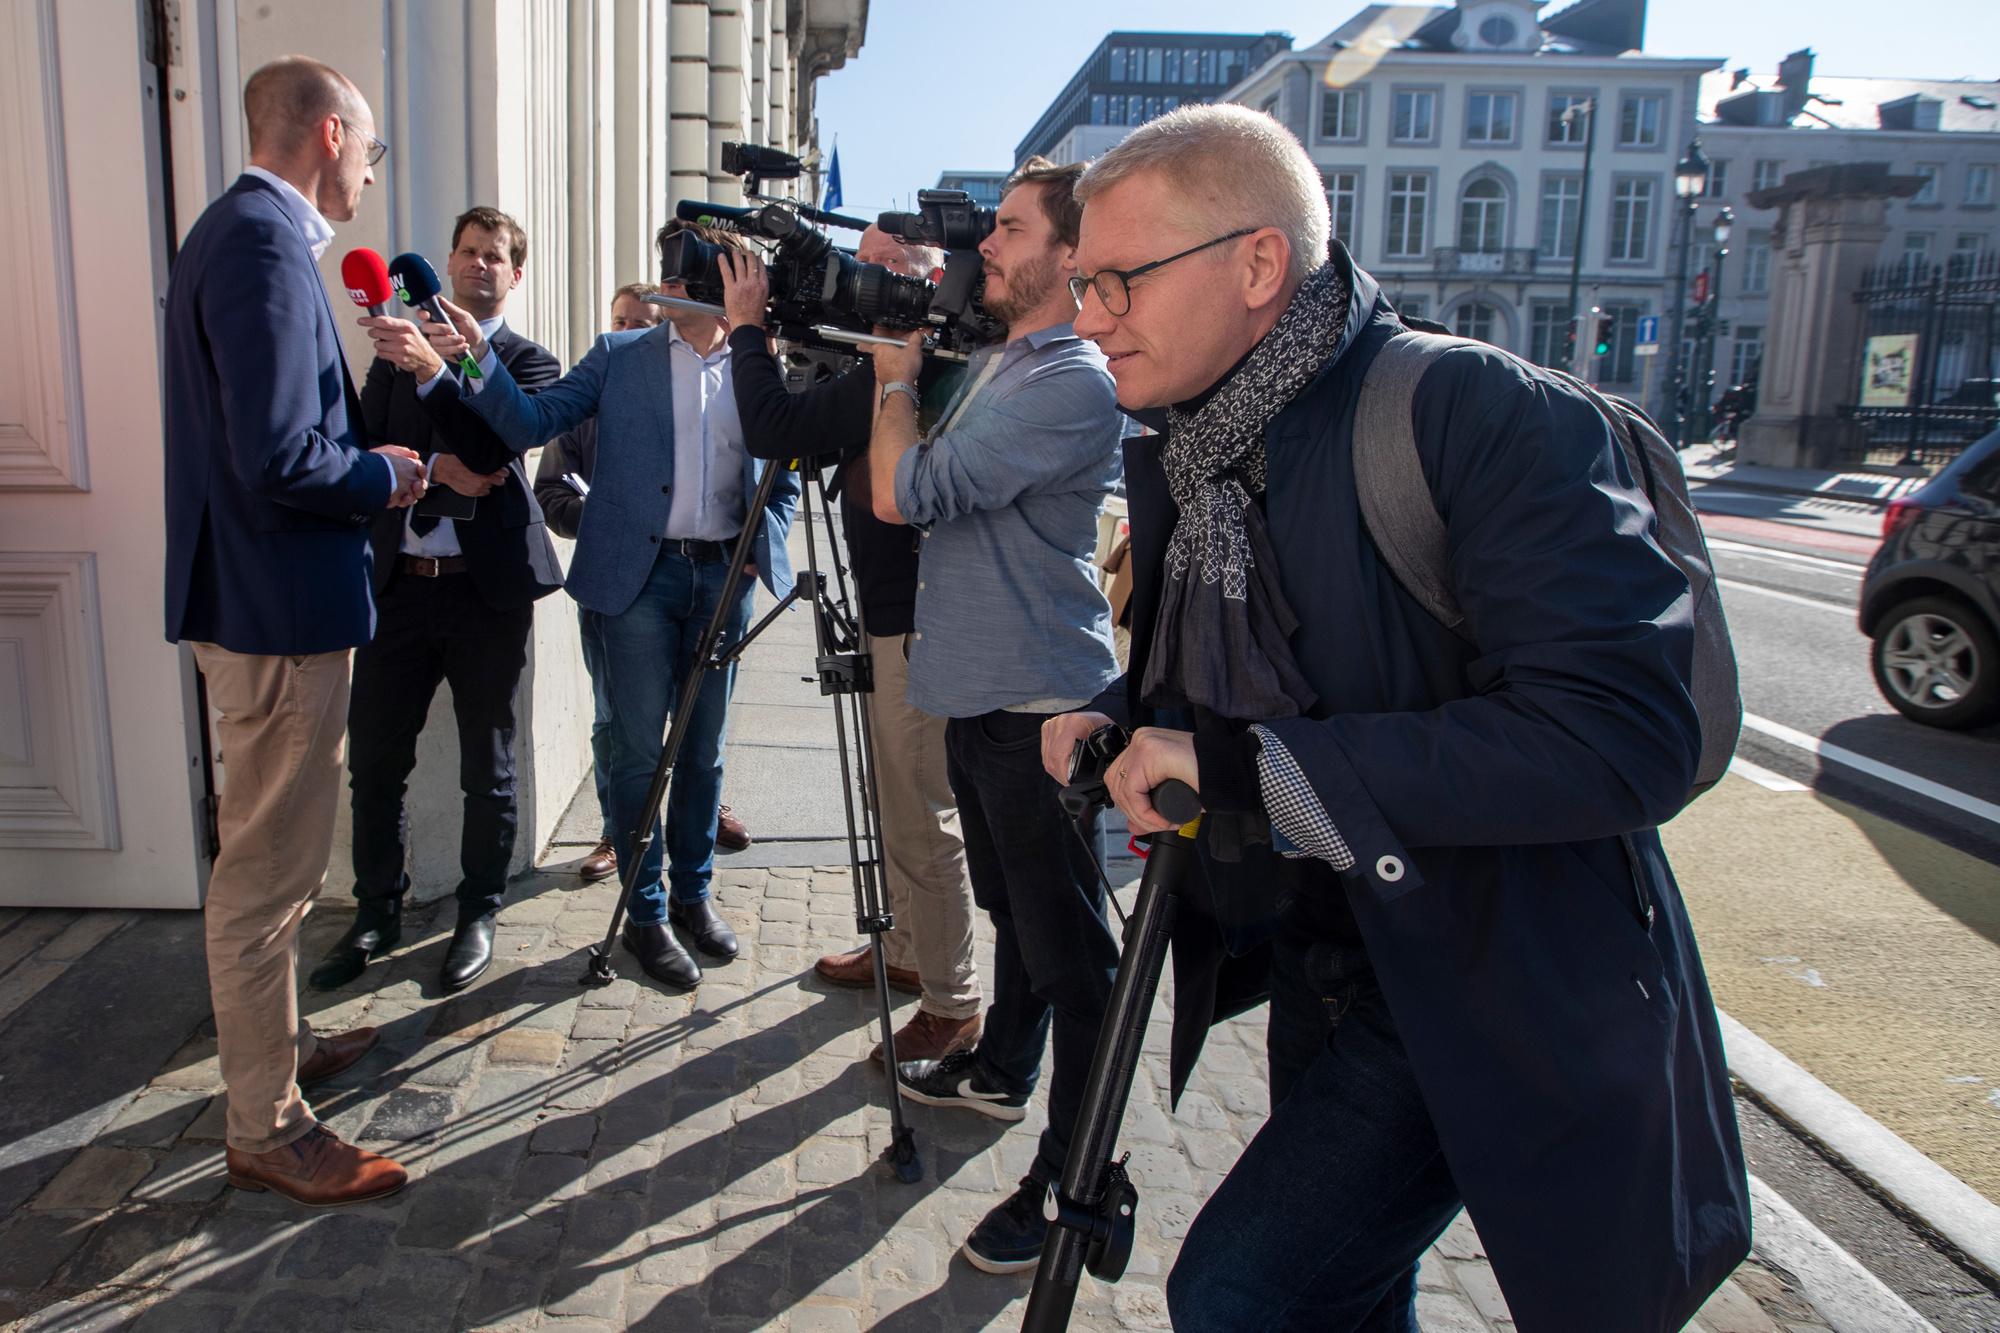 Le Vice Premier ecolo Georges Gilkinet arrive au conclave budgétaire, BELGA